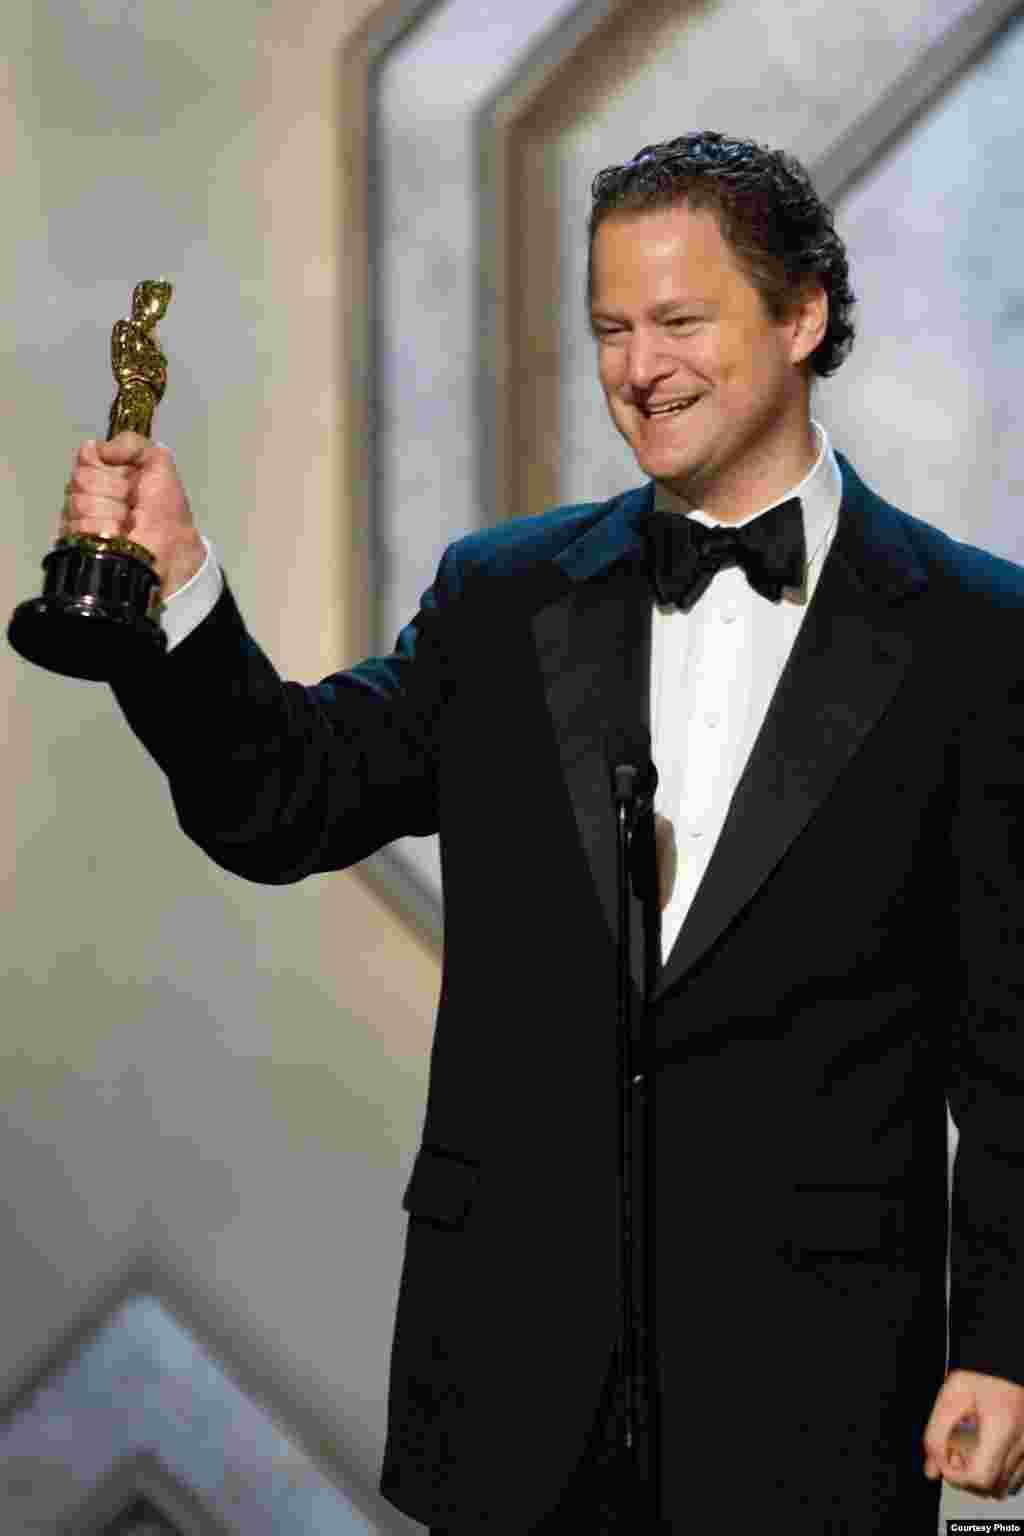 این دومین بار است یک فیلم آلمانی،«زندگی دیگران»، اسکار بهترین فیلم خارجی را می گیرد.